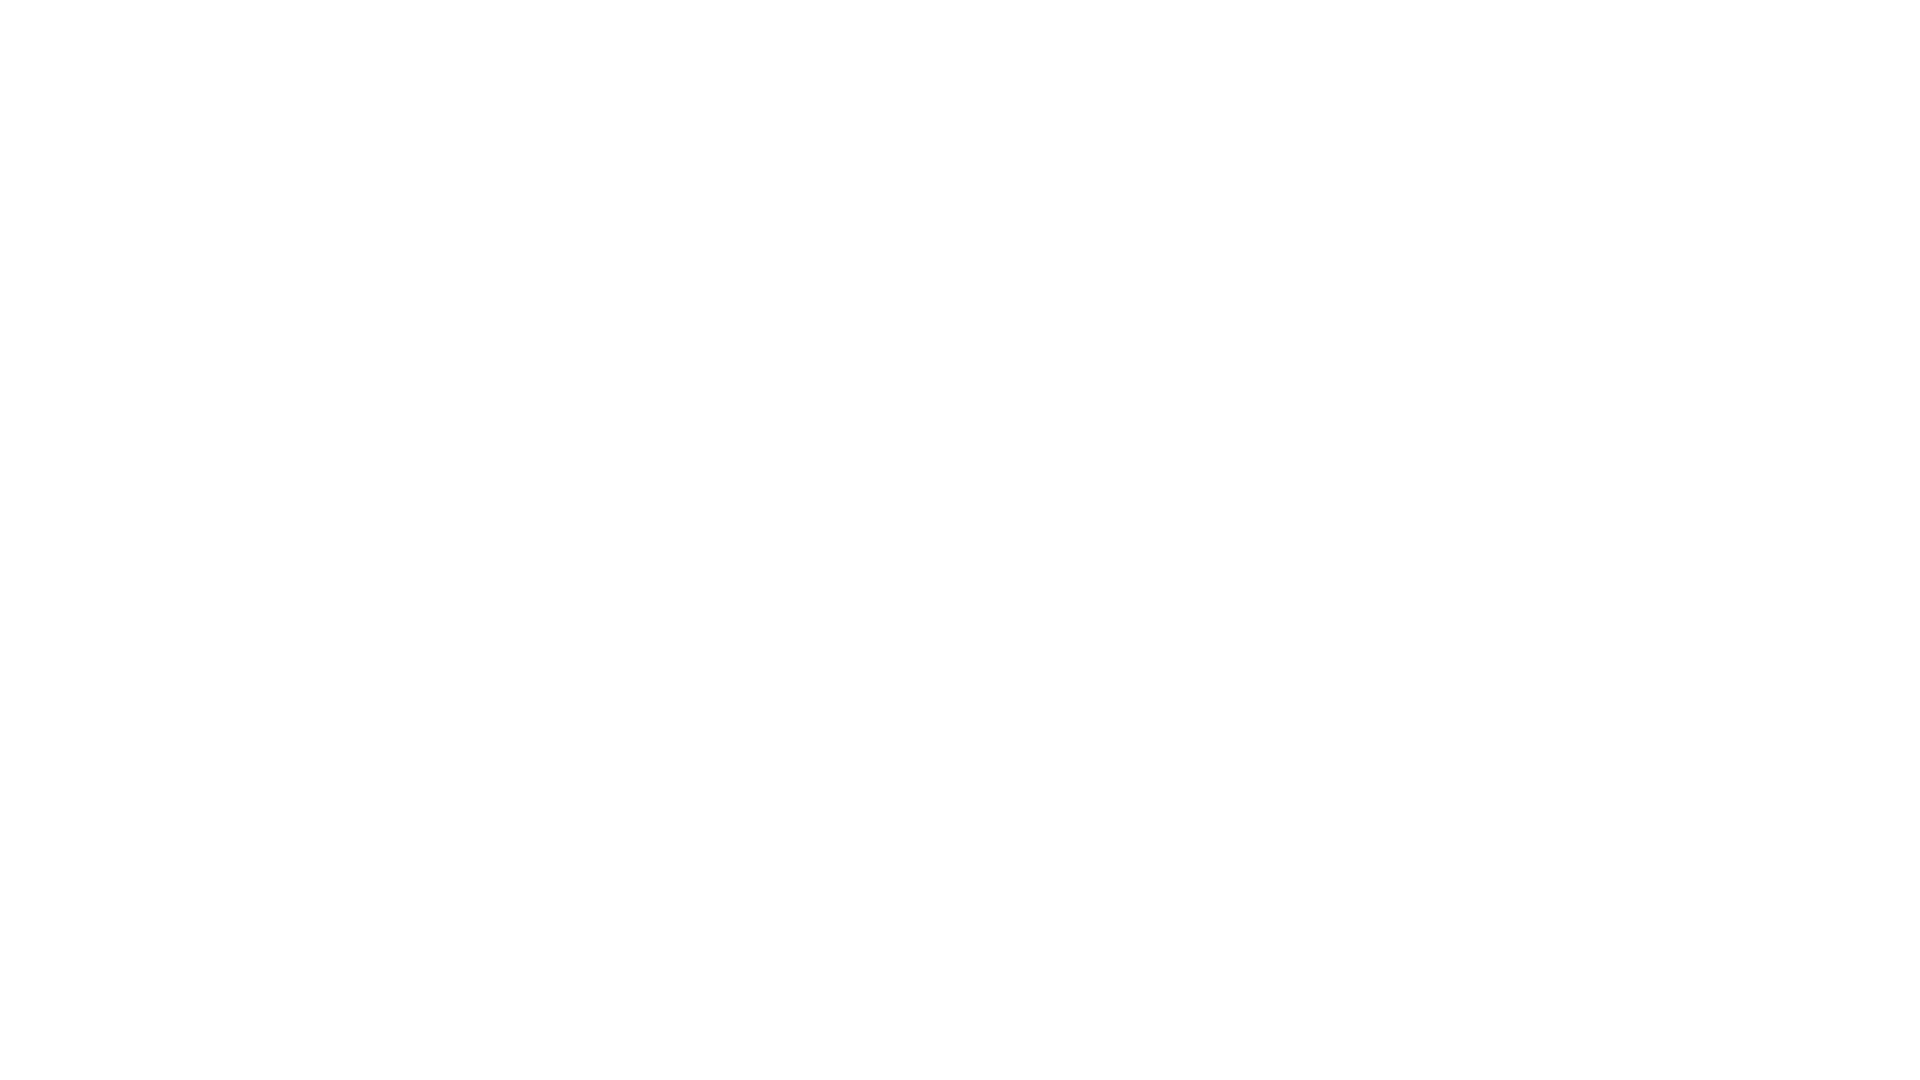 ※100個限定販売 至高下半身盗撮 プレミアム Vol.12 ハイビジョン 女体盗撮 | 下半身  99連発 43